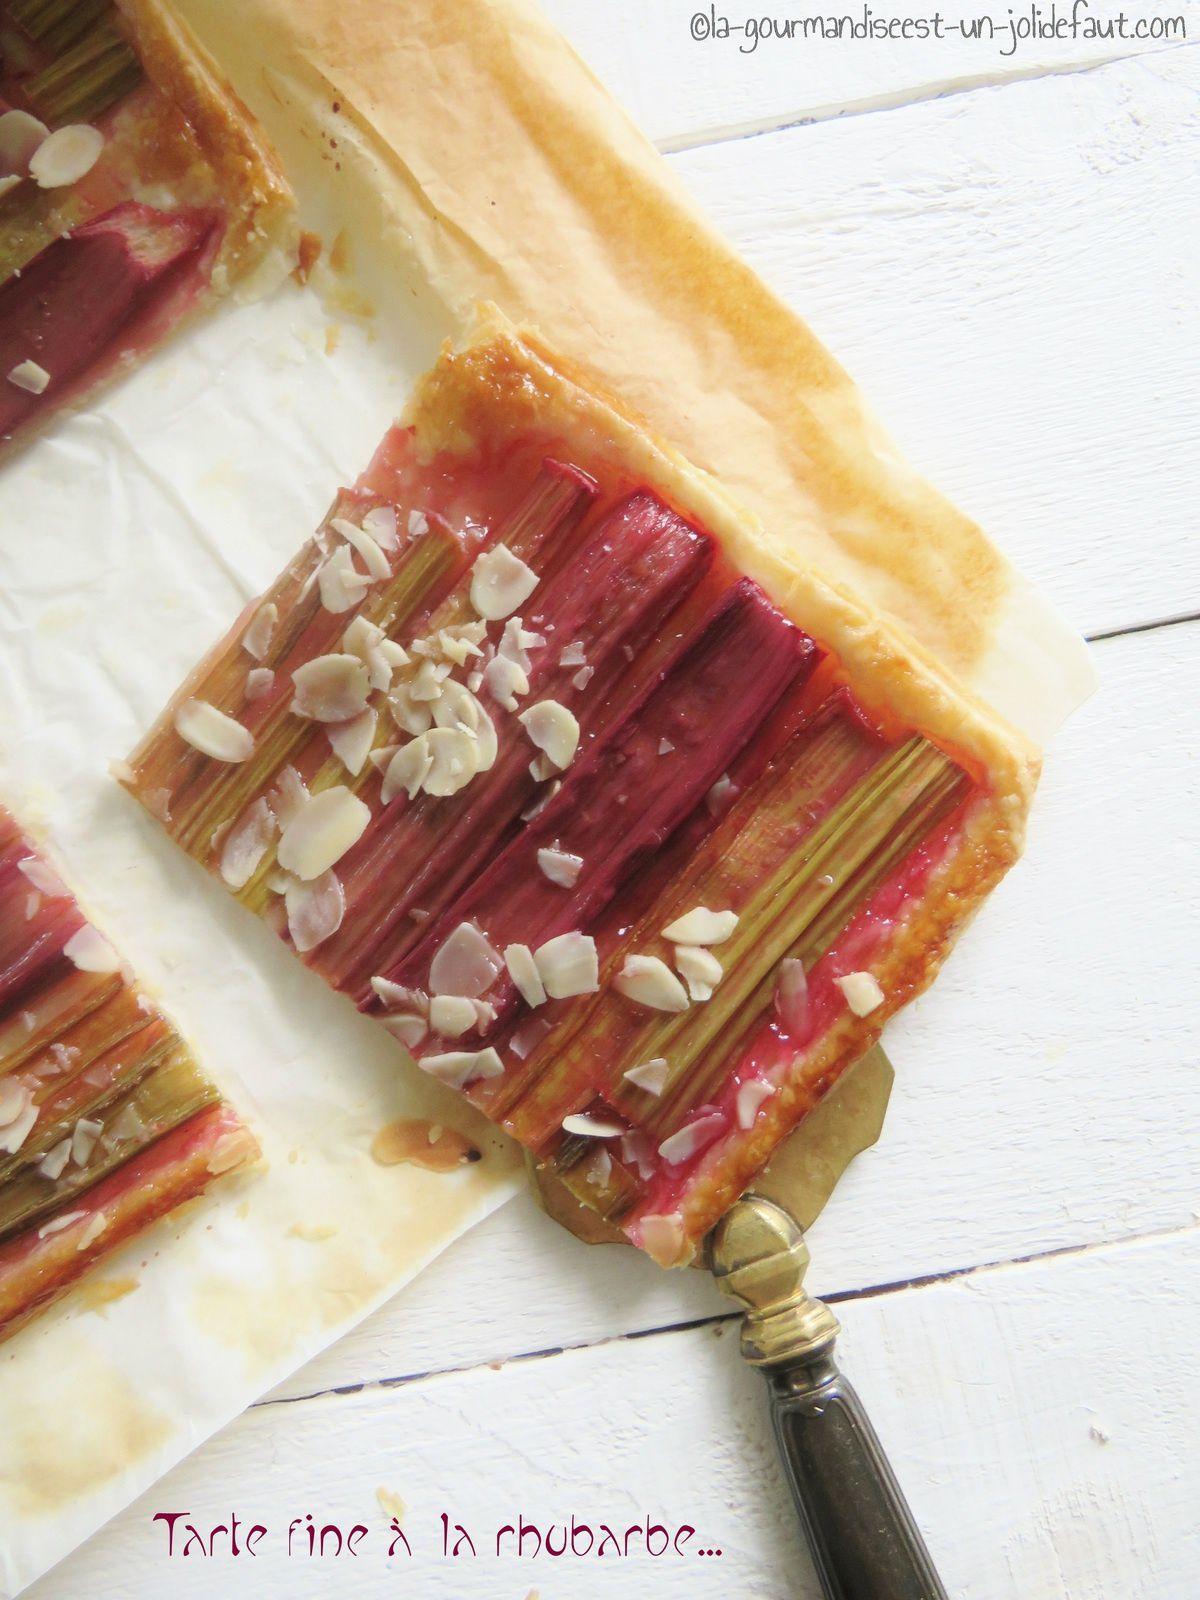 Tarte fine à la rhubarbe